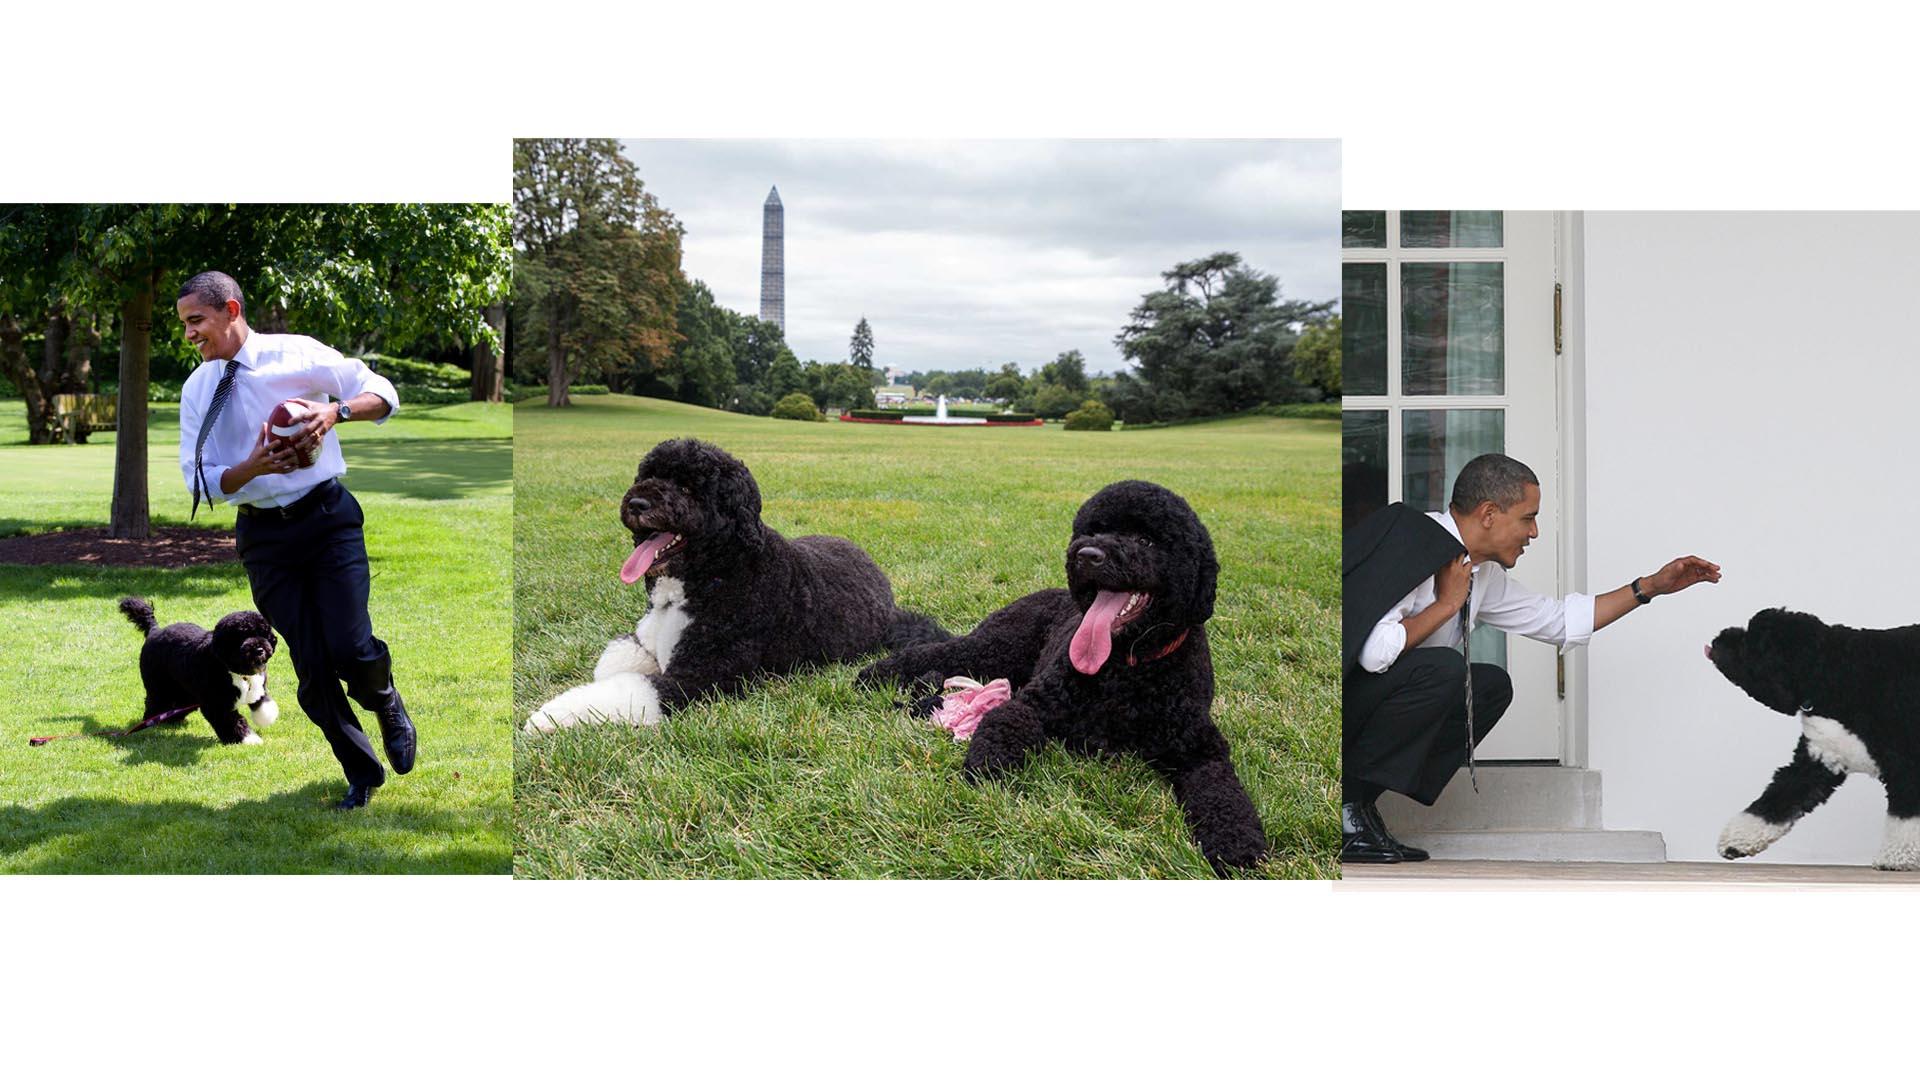 Bo y Sunny, dos perros de agua portugueses, son muy populares por ser los mejores amigos de la familia presidencial estadounidense